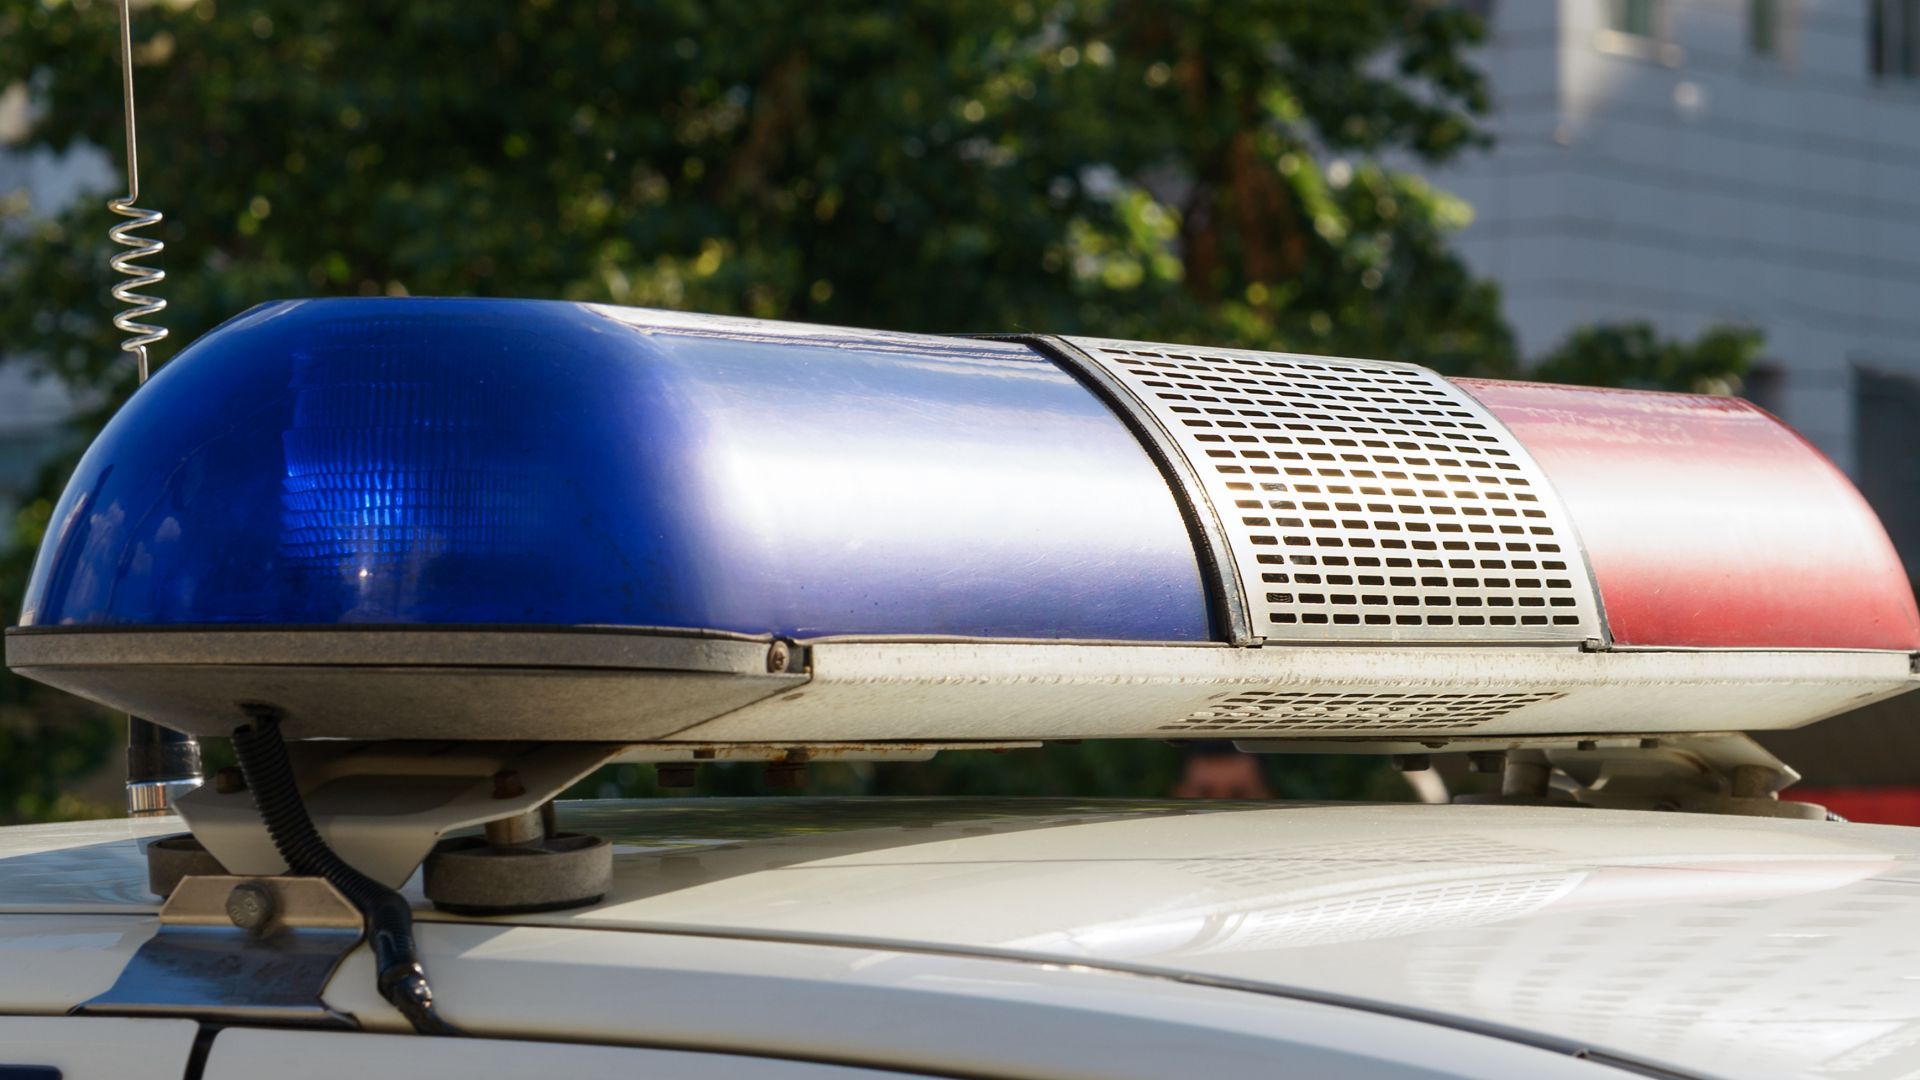 Млад мъж загина след удар в крайпътно дърво